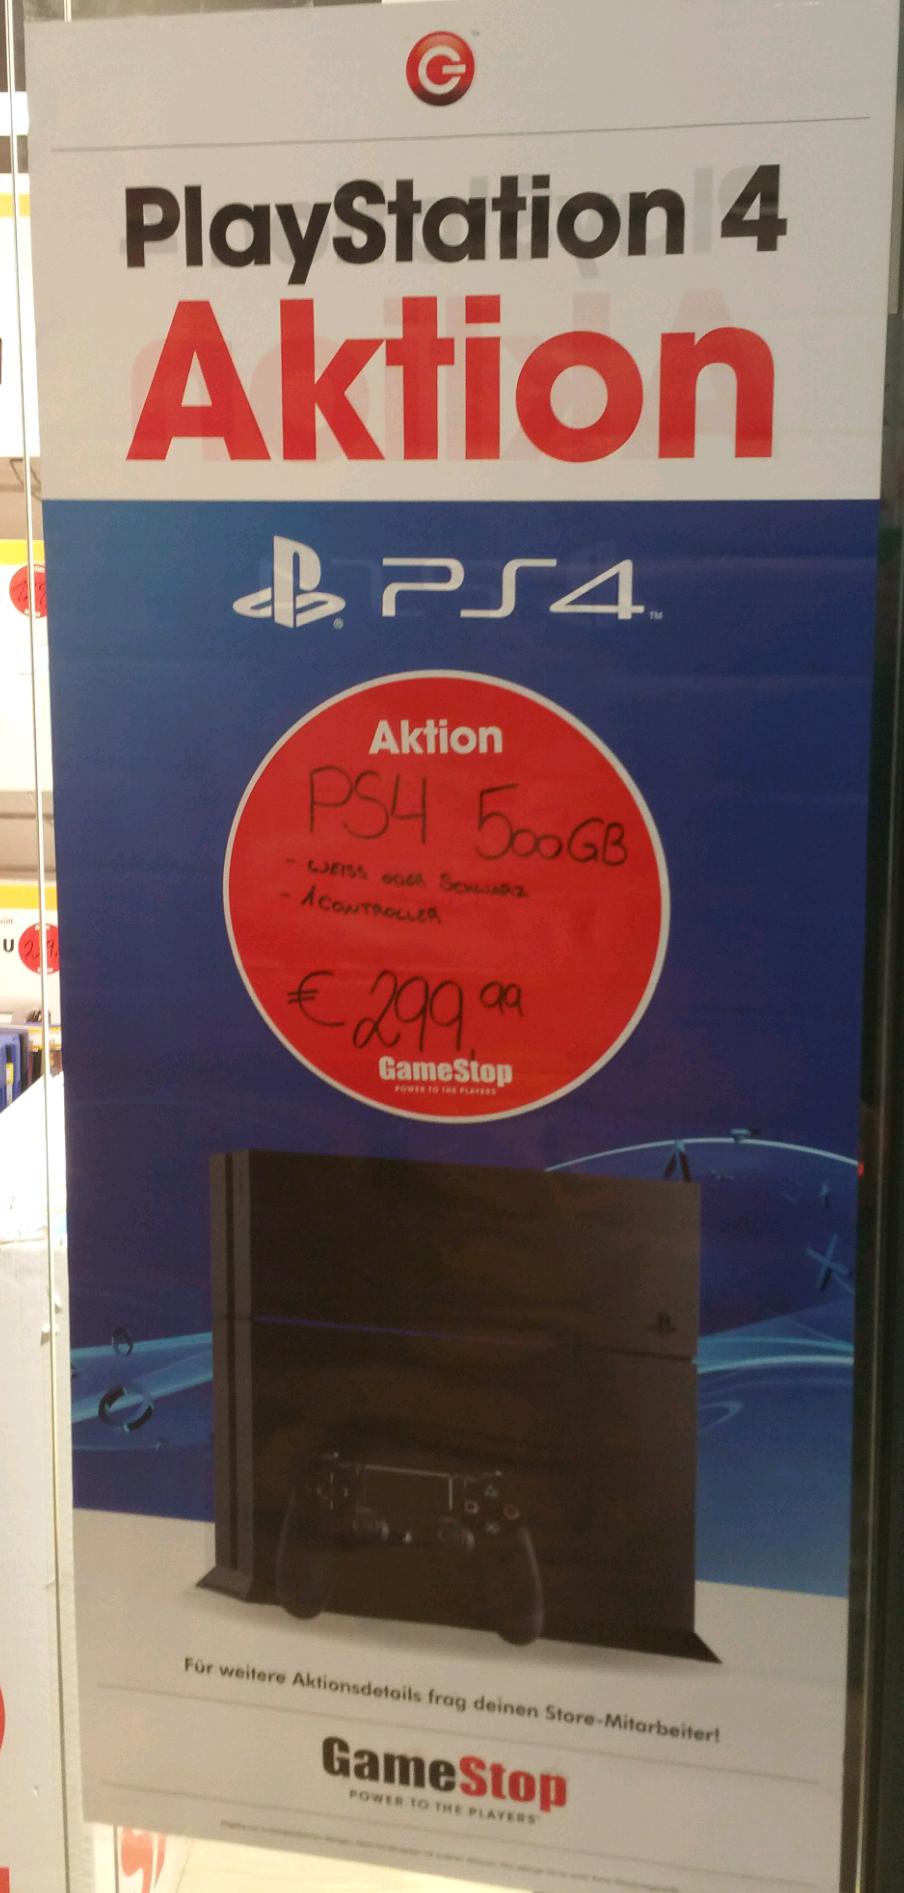 PS4 GameStop Offline Angebot 299.99,-